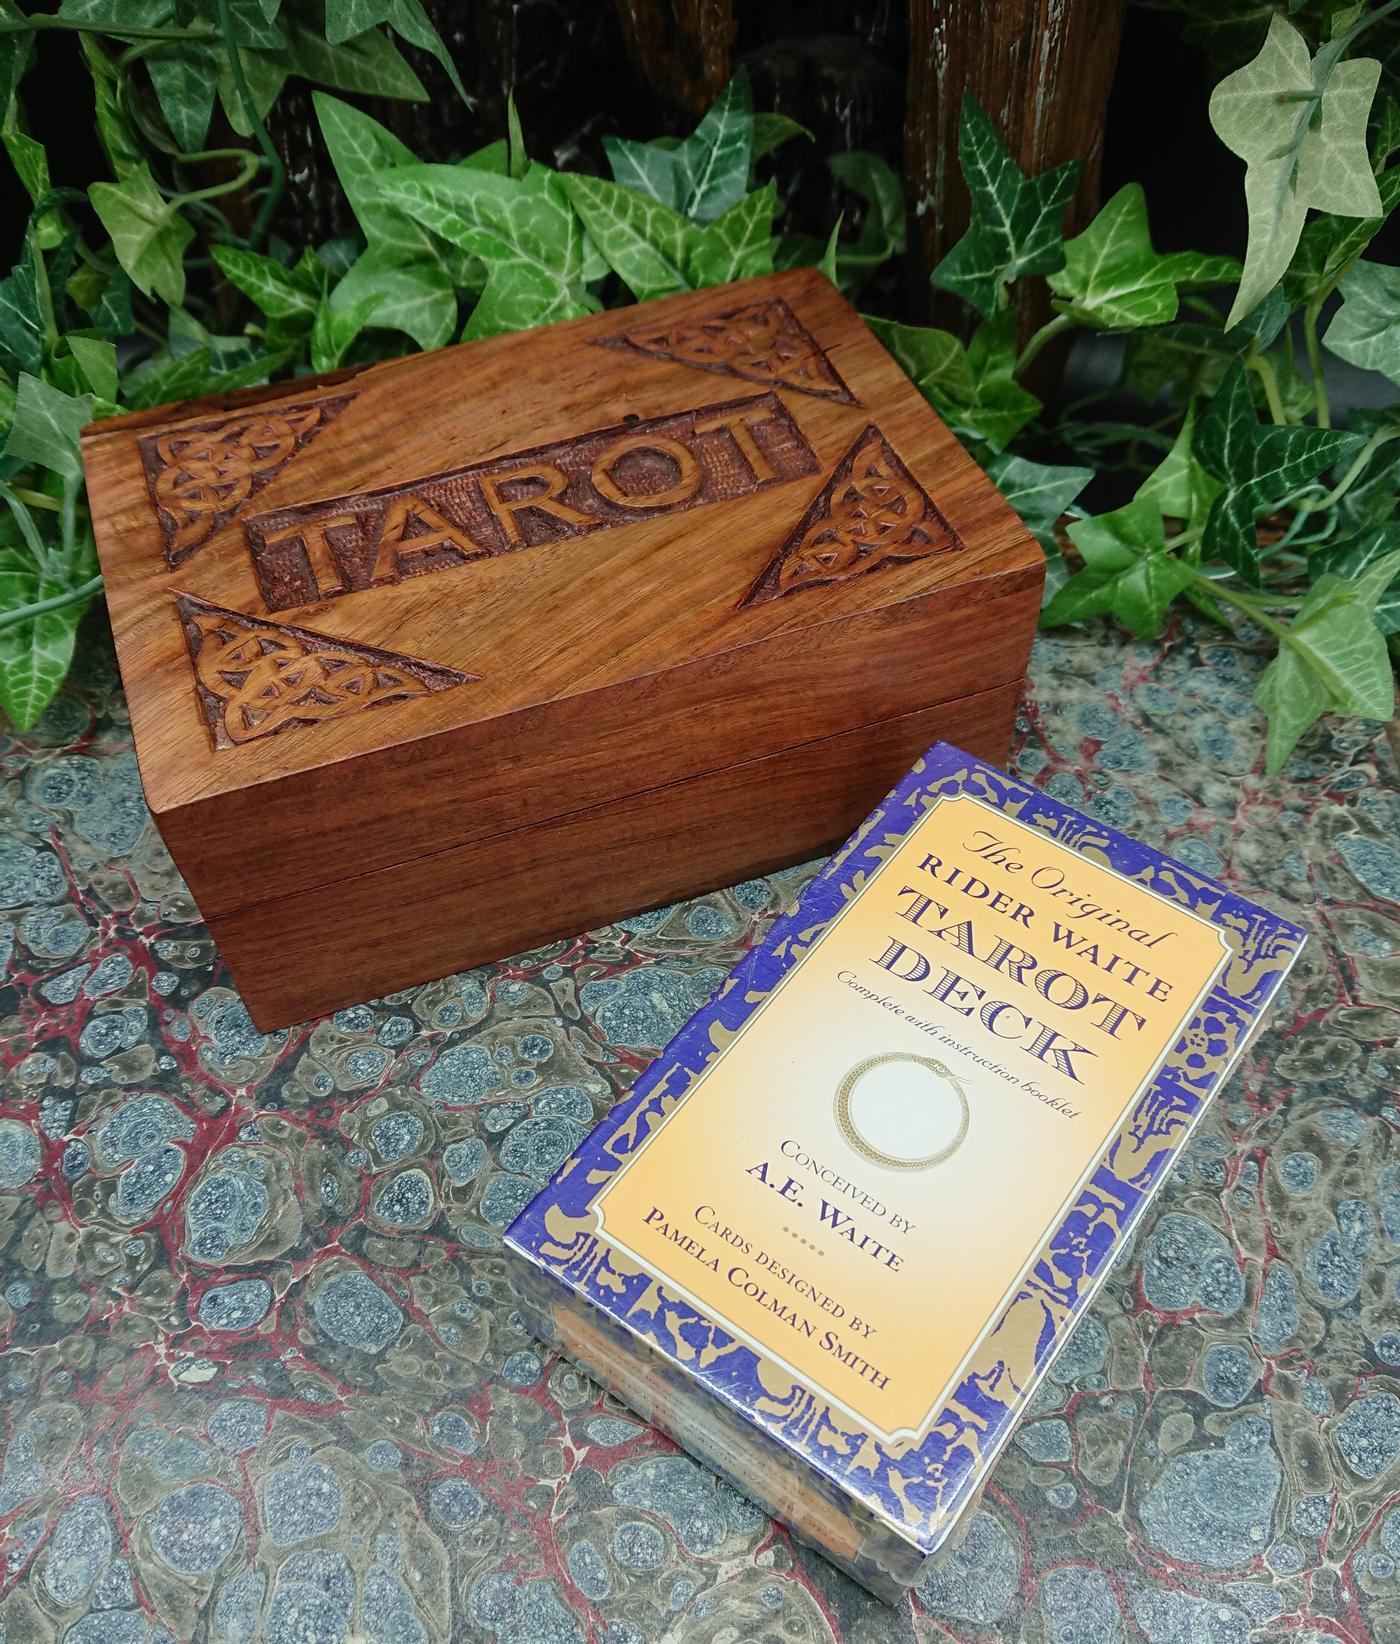 The Original Rider Waite Tarot Deck With Tarot box Set